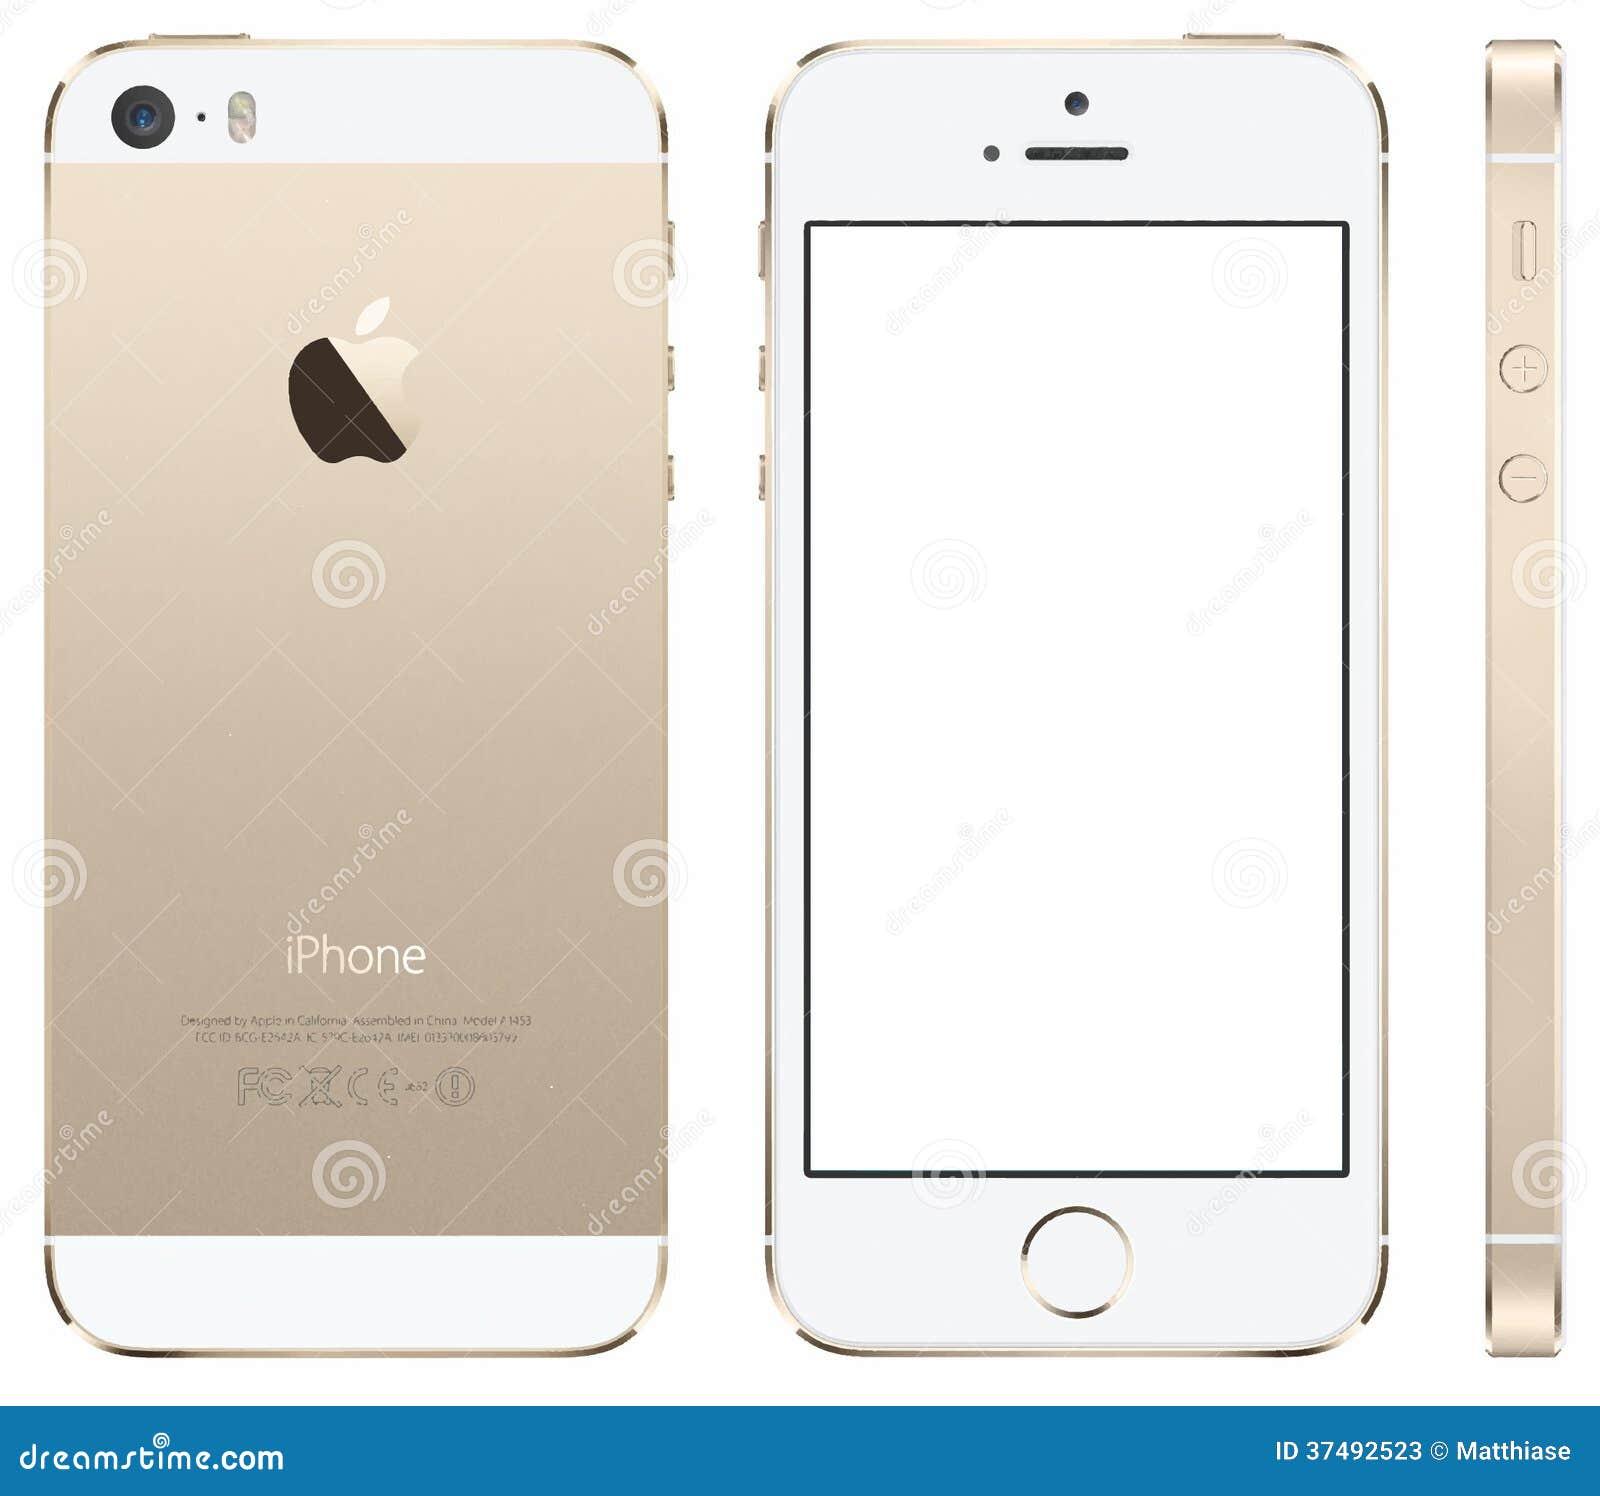 Iphone5s Vector